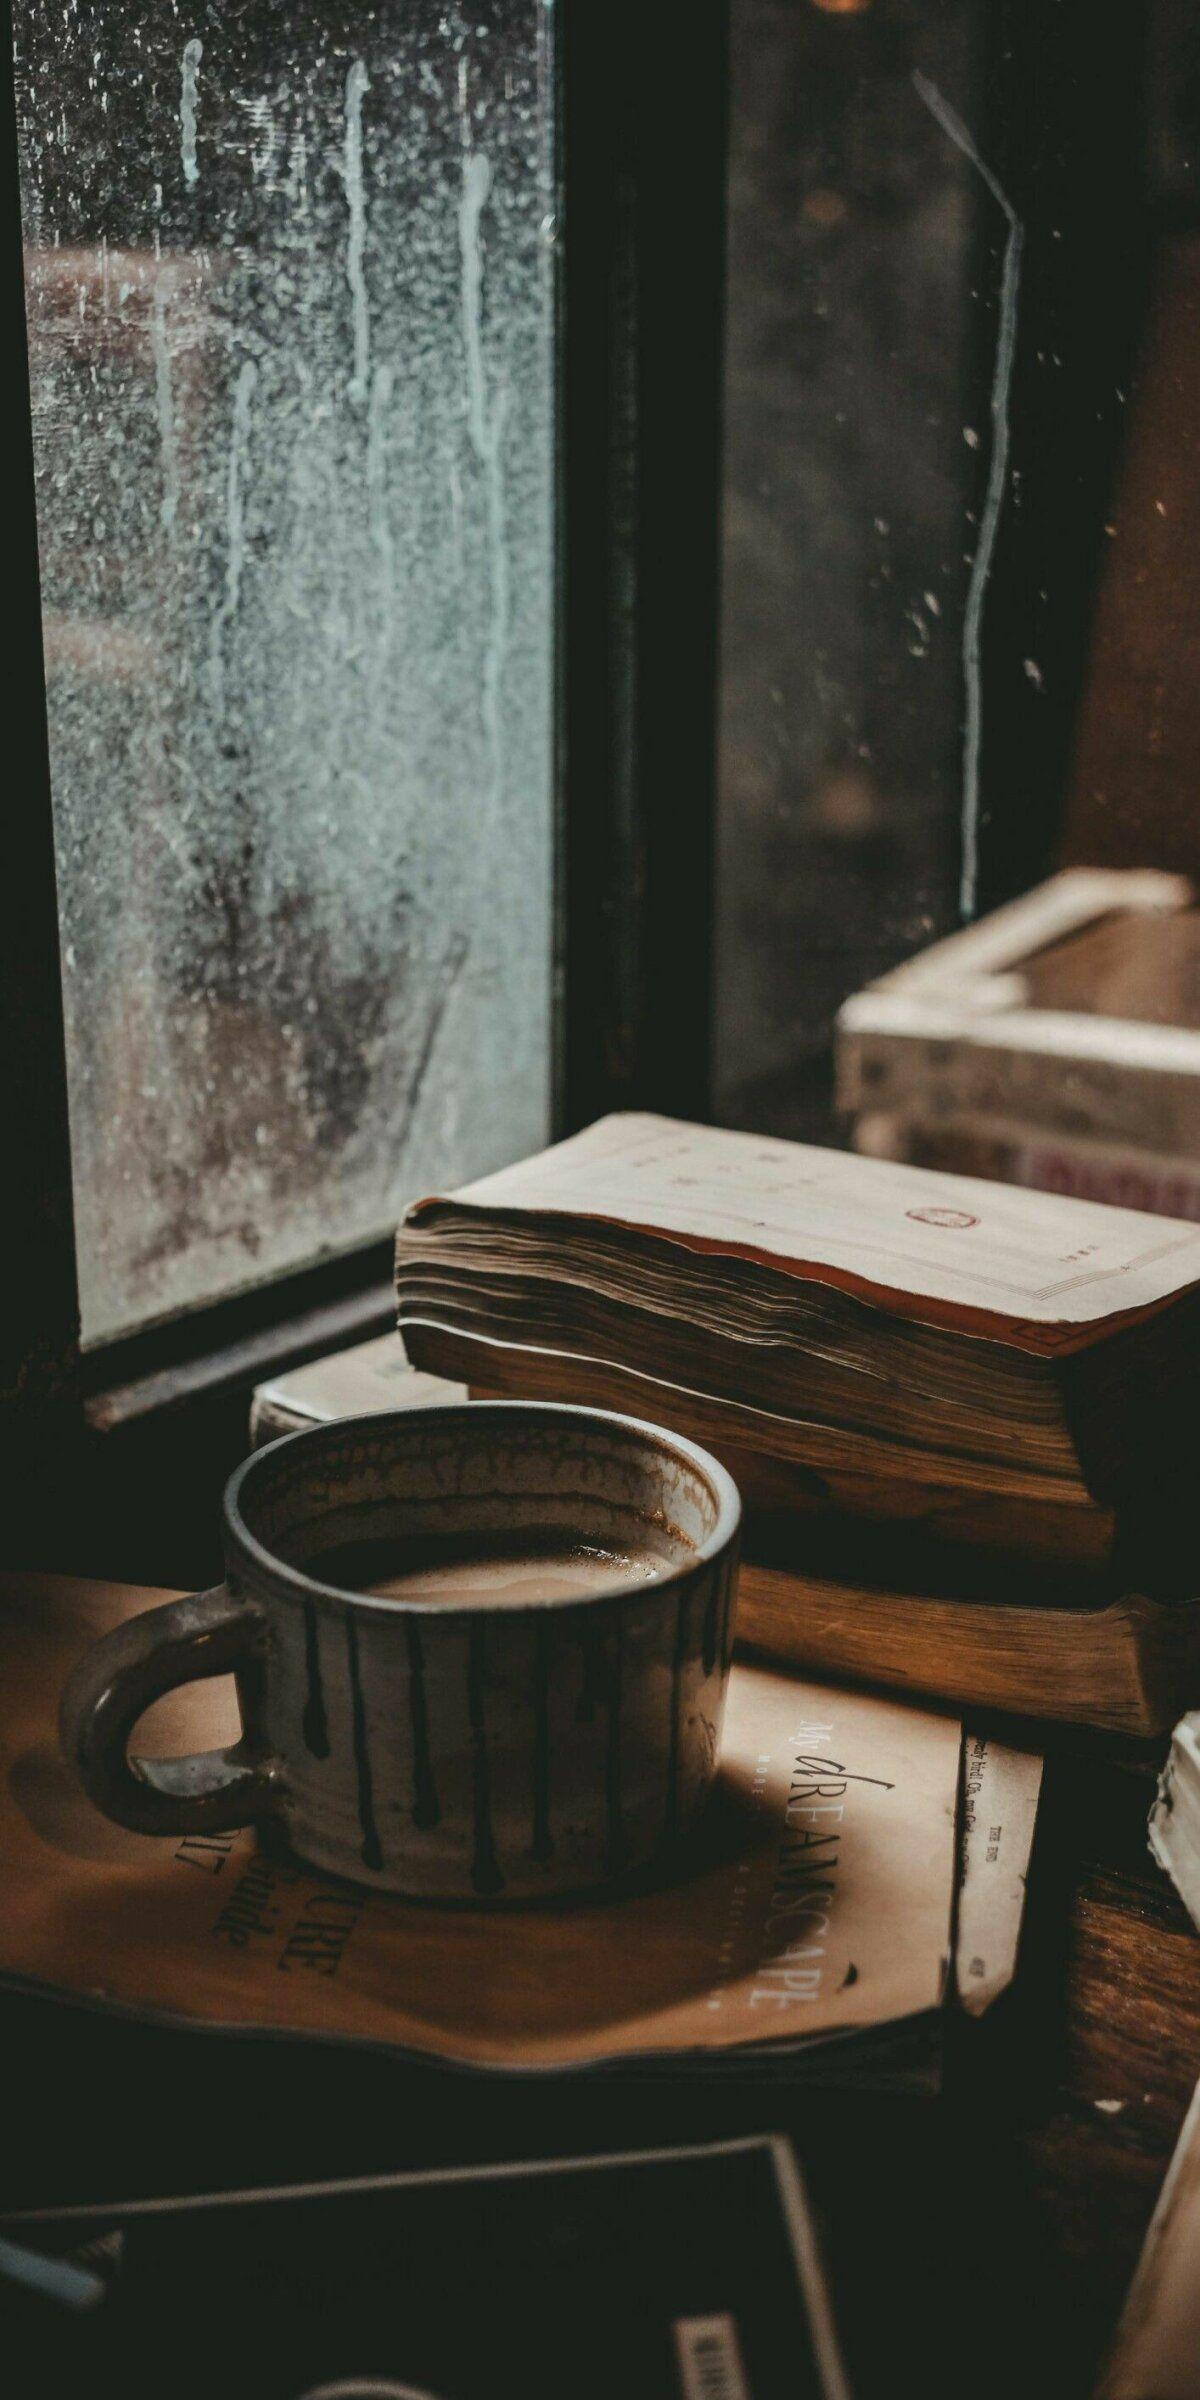 خلفيات قهوة Coffee كتب Books عالية الوضوح 14 Hari Hujan Secangkir Kopi Karya Seni Kopi